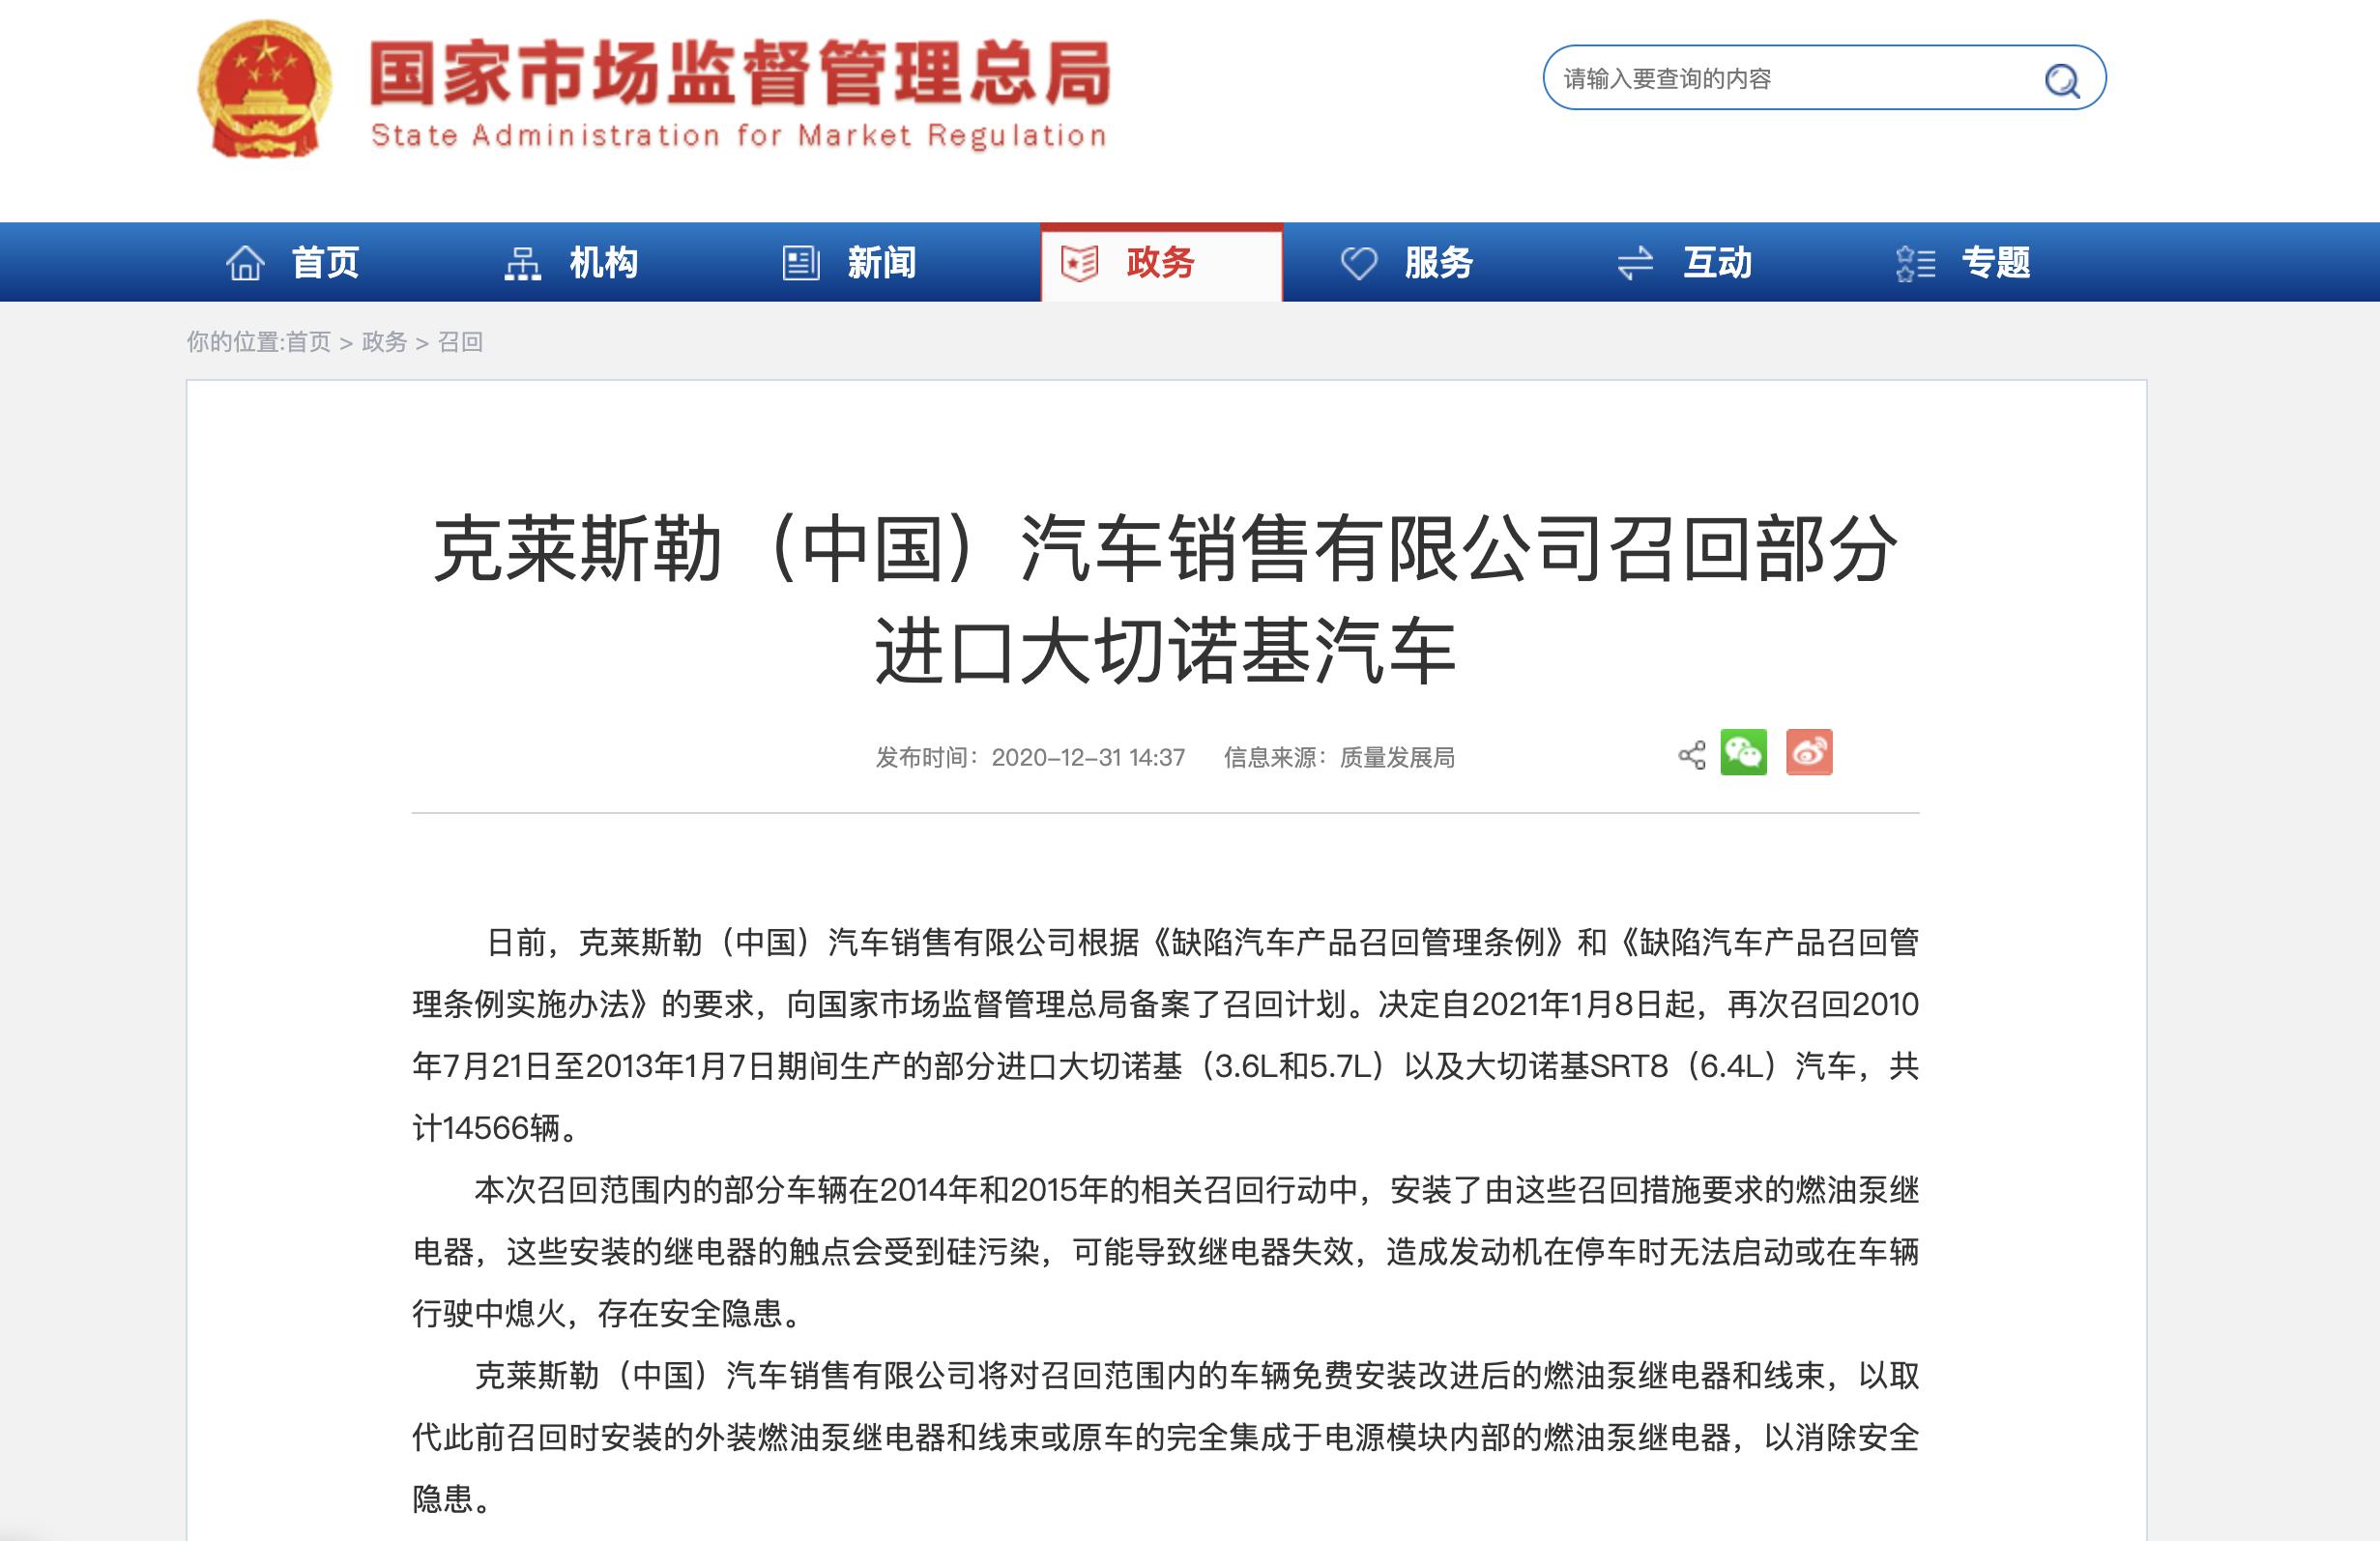 克萊斯勒(中國)汽車銷售有限公司召回部分進口大切諾基汽車。